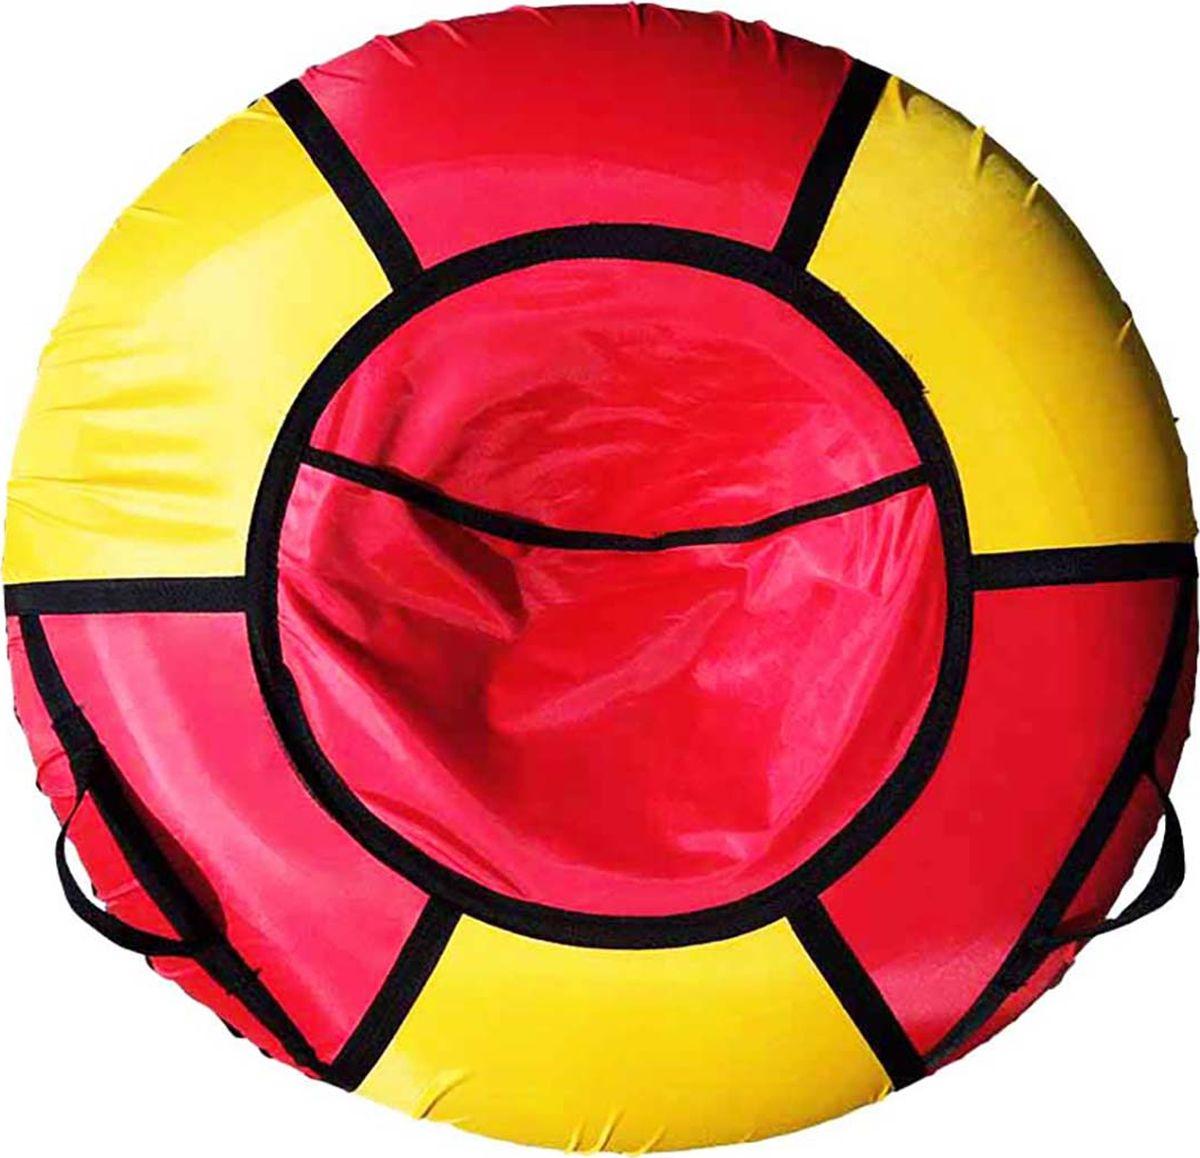 Тюбинг Эх, Прокачу! Эконом-6, цвет: красный, желтый, диаметр 70 смСЭ70-6-1Любимая детская зимняя забава - это кататься с горки. А катание на тюбинге Эх, Прокачу! Эконом-6 надолго запомнится вам и вашим близким. Свежий воздух, веселая компания, веселые развлечения - эти моменты вы будете вспоминать еще долгое время. Специальные материалы и уникальная конструкция днища превосходно скользят, даже если снега совсем немного. Высокая прочность позволит весело проводить время детям и взрослым, не заботясь о поломках. Модель очень вместительная, возможность соскальзывания практически исключена.Особенности: Материал дна - ткань ПВХ, плотность 630 г/м2.Материал верха - ткань Oxford, плотность 420 г/м2. Диаметр в надутом виде - 70 см.Морозоустойчивость - до -45 градусов.Камера российского производства, буксировочный ремень. Тюбинг не предназначен для буксировки механическими или транспортными средствами (подъемники, канатные дороги, лебедки, автомобиль, снегоход, квадроцикл и т.д.).Допускается деформация формы санок из-за неравномерности надувания камеры.